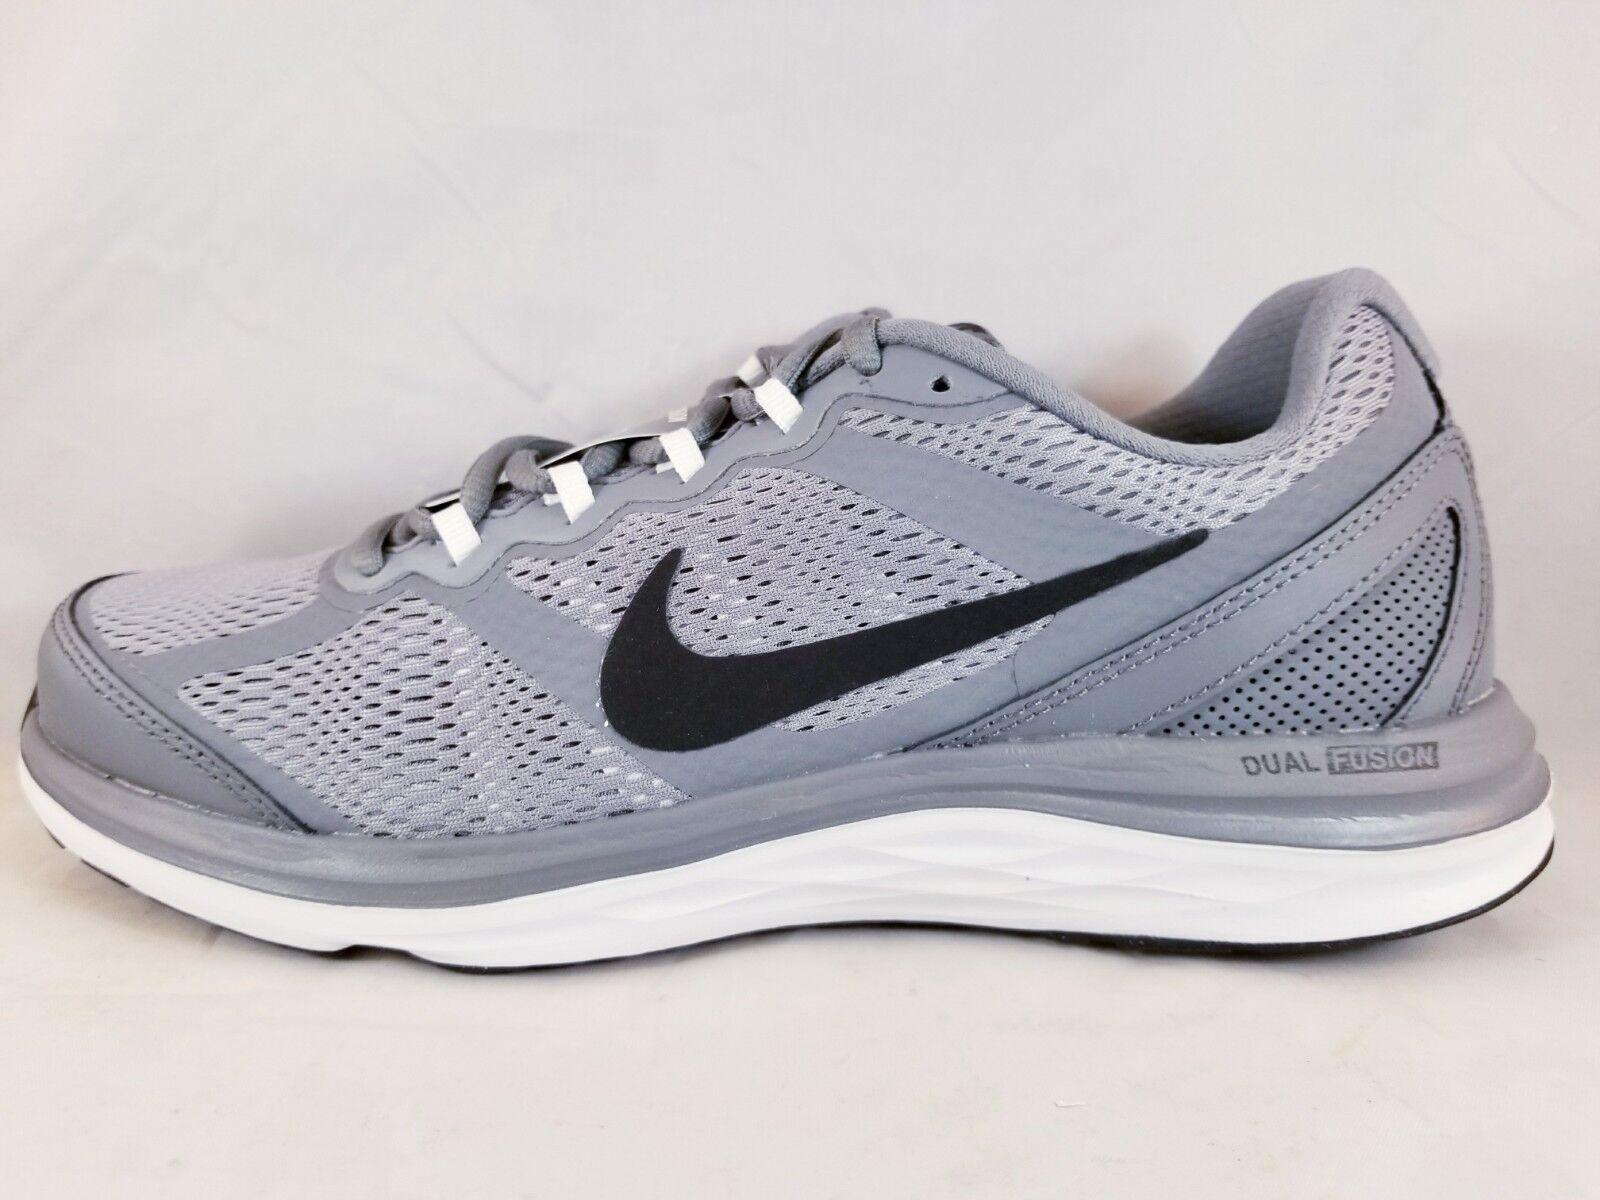 Nike Dual Fusion Run 3 Men's Running Shoe 653596 021 Size 10.5